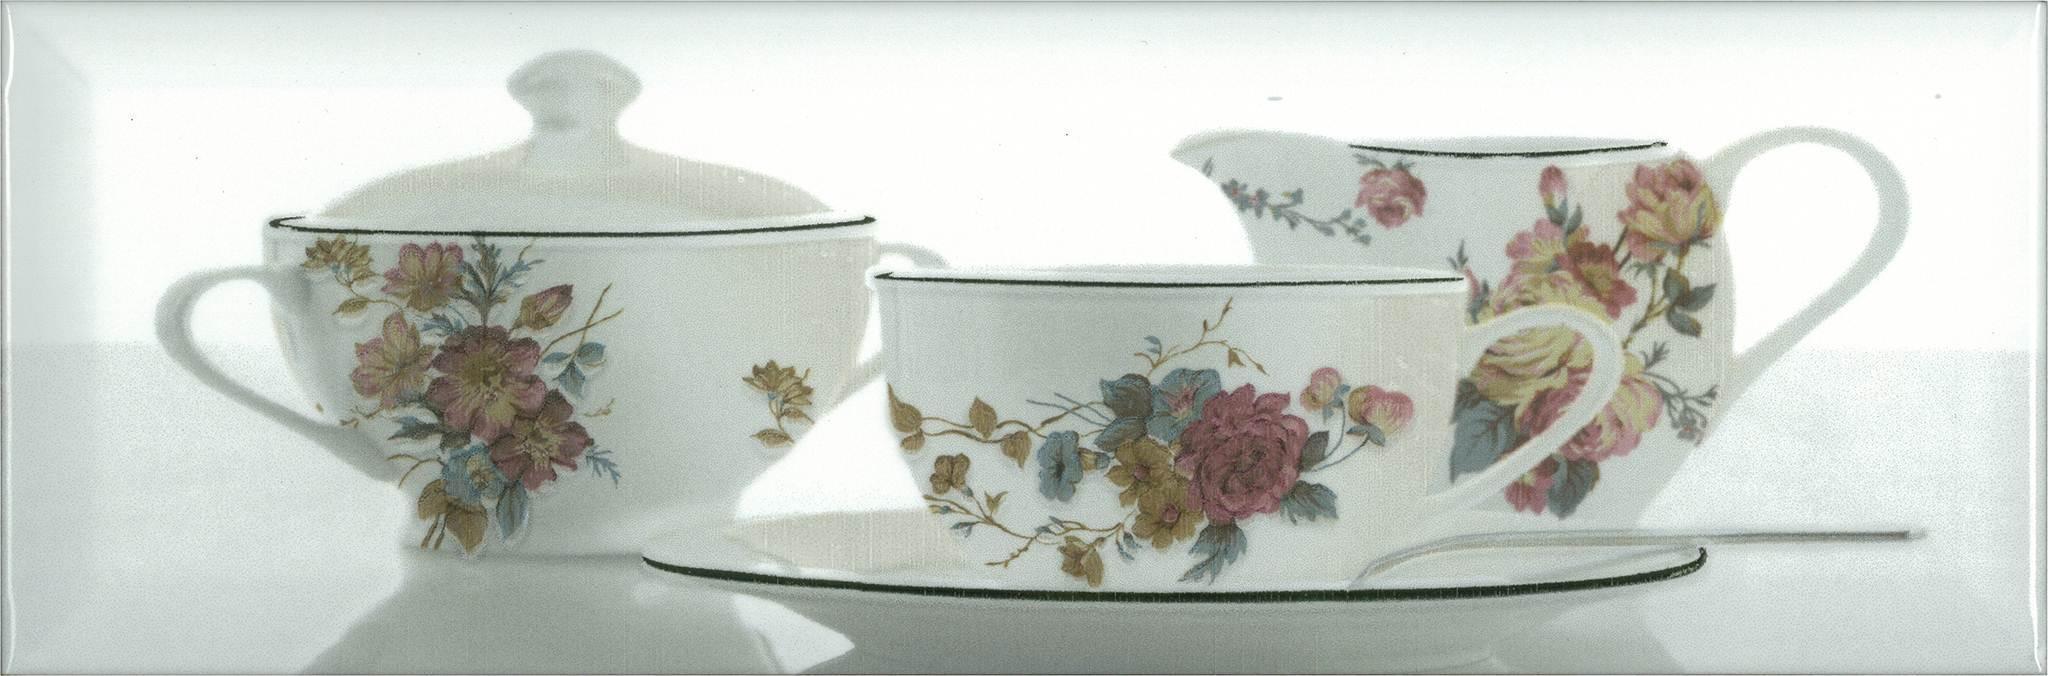 Купить Керамическая плитка Absolut Keramika Decor Tea 03 White A декор 10x30, Испания